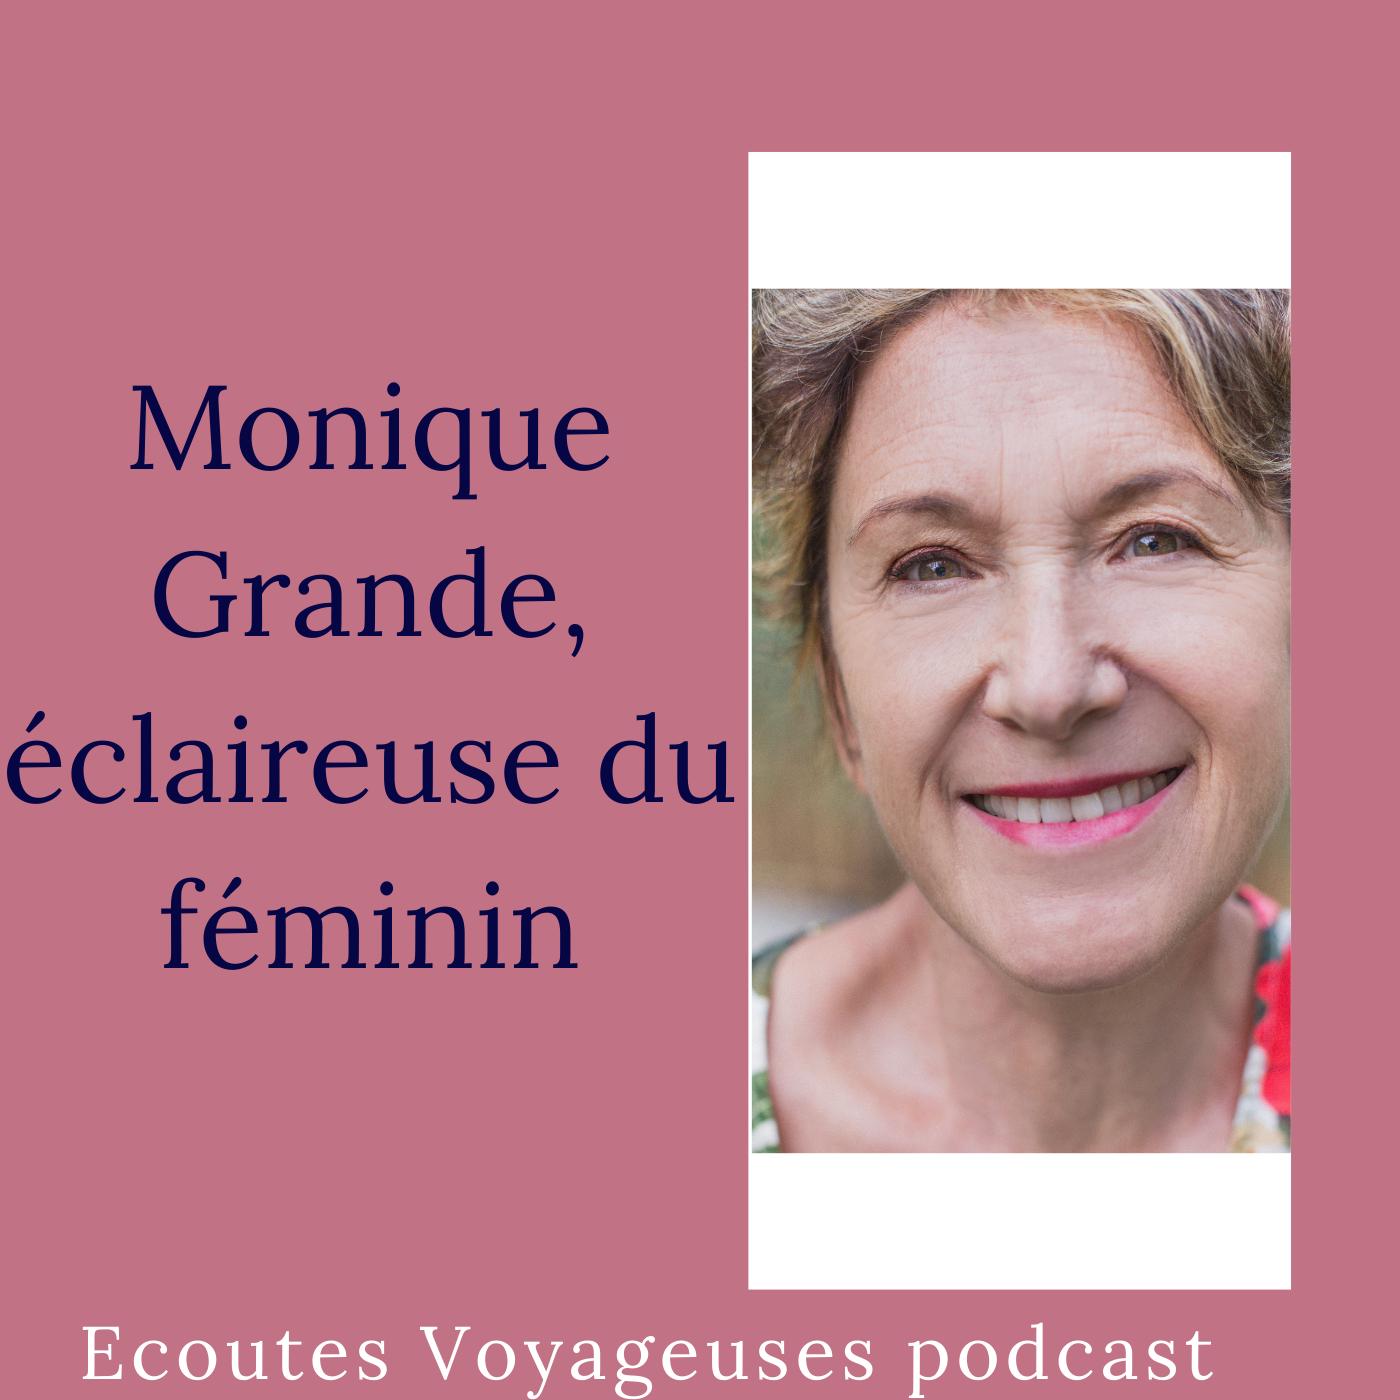 Monique Grande, éclaireuse du féminin